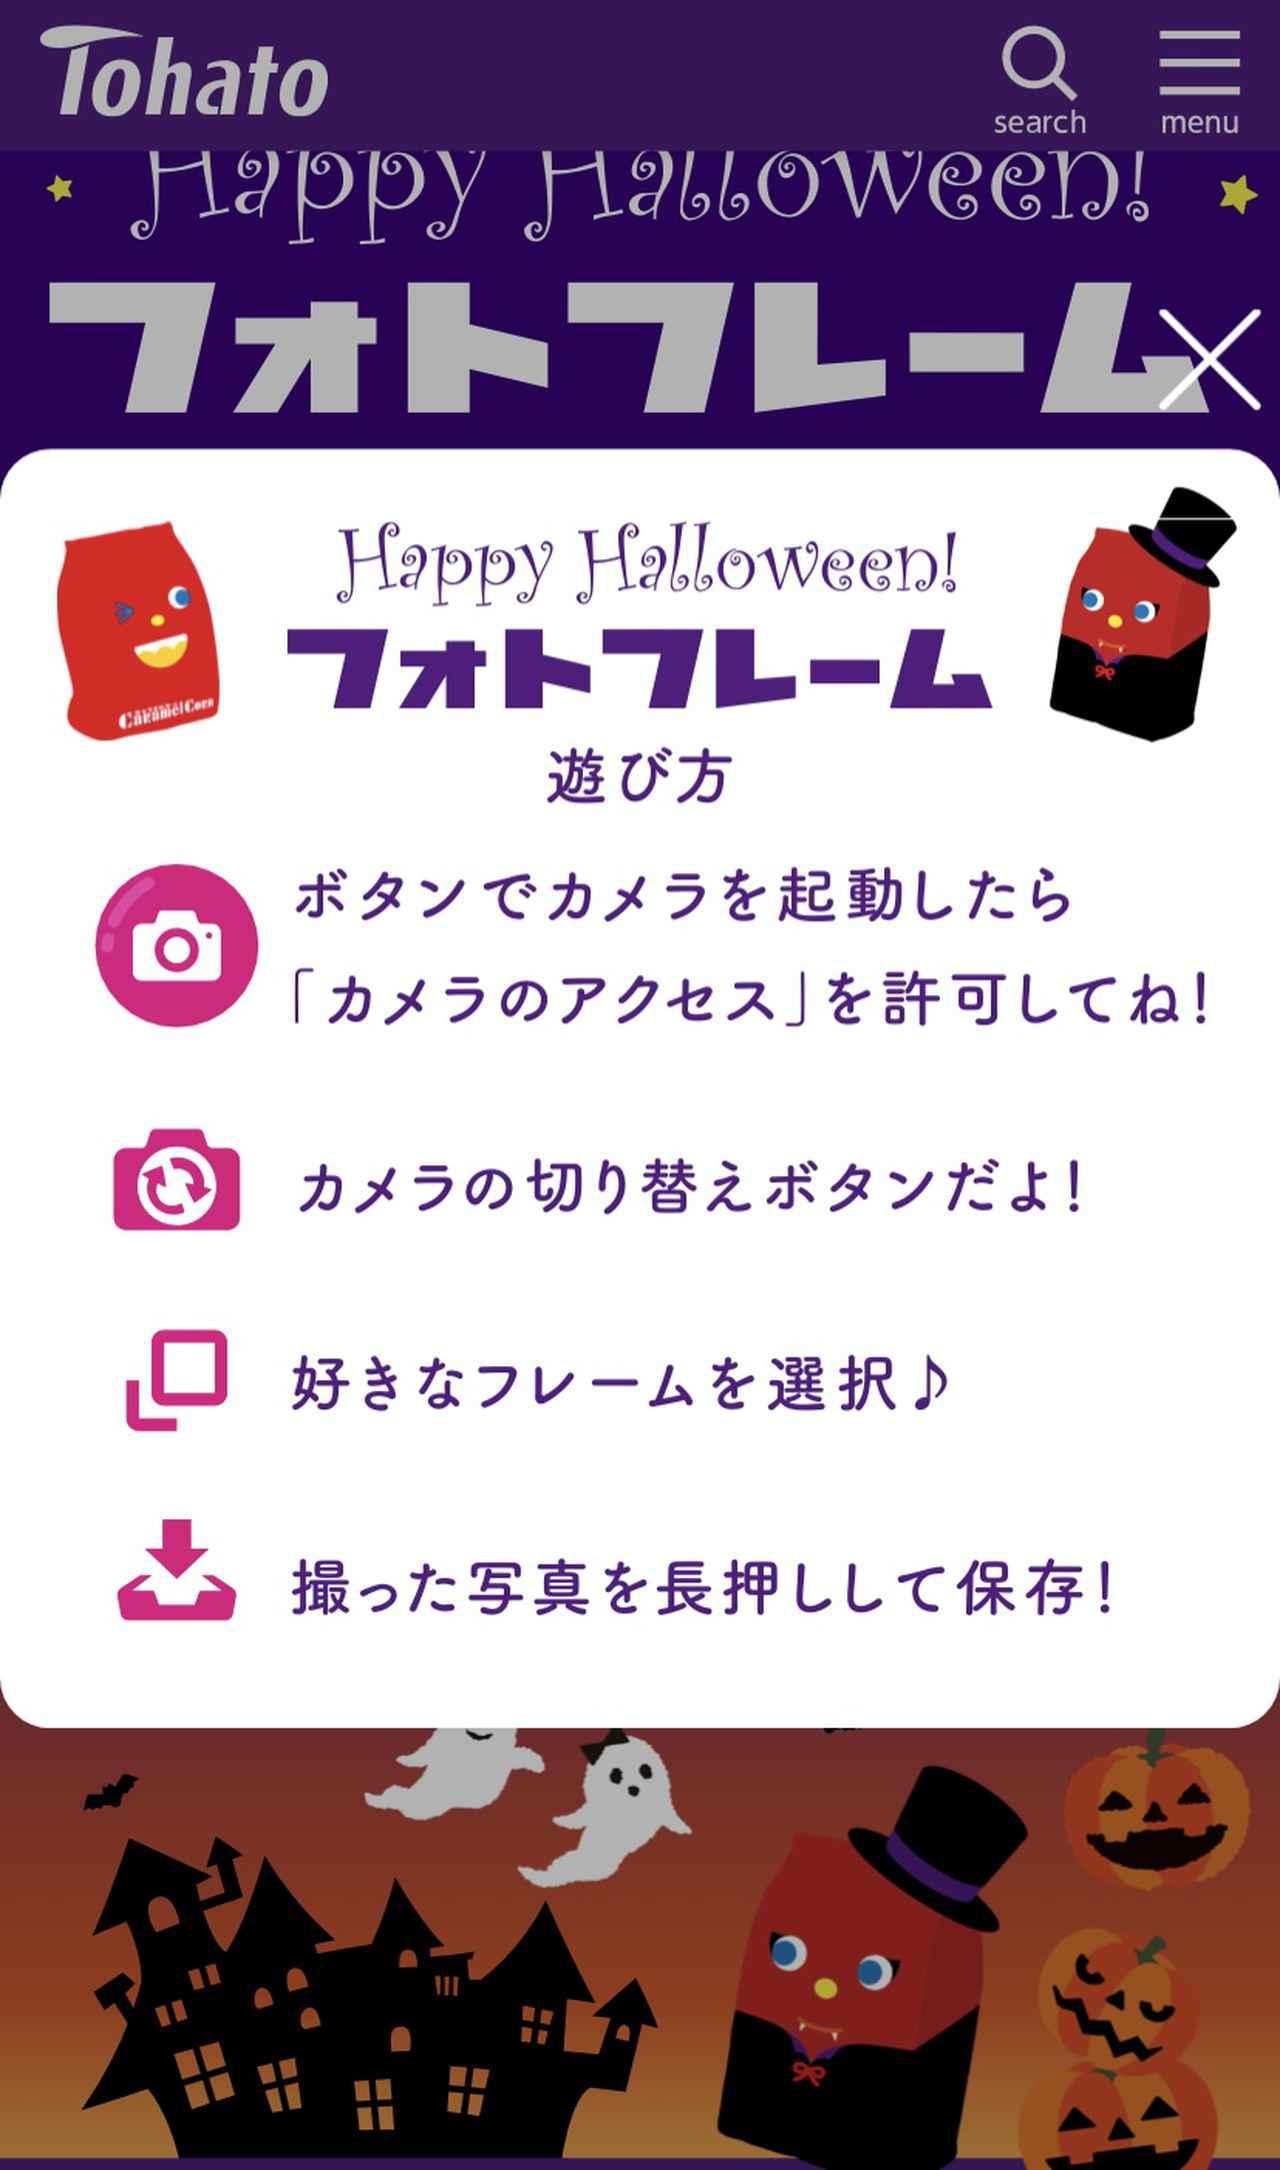 画像2: www.tohato.jp